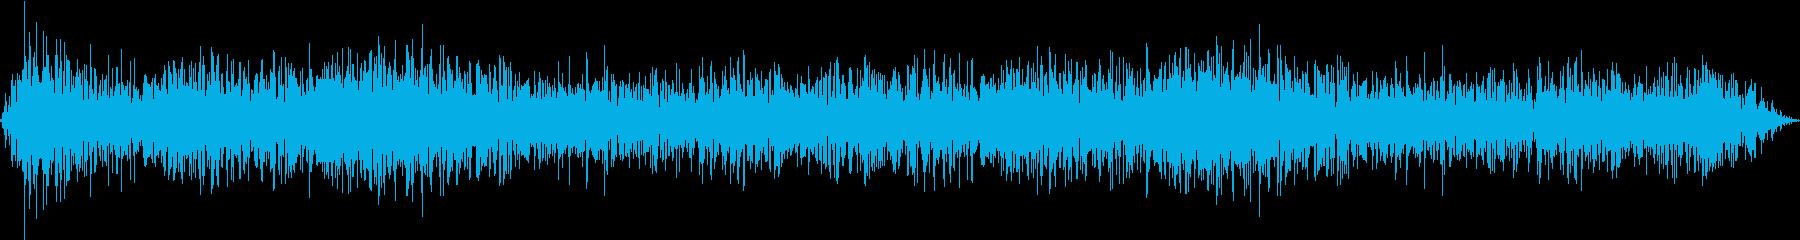 ハーレーダビッドソン:低周波アイド...の再生済みの波形